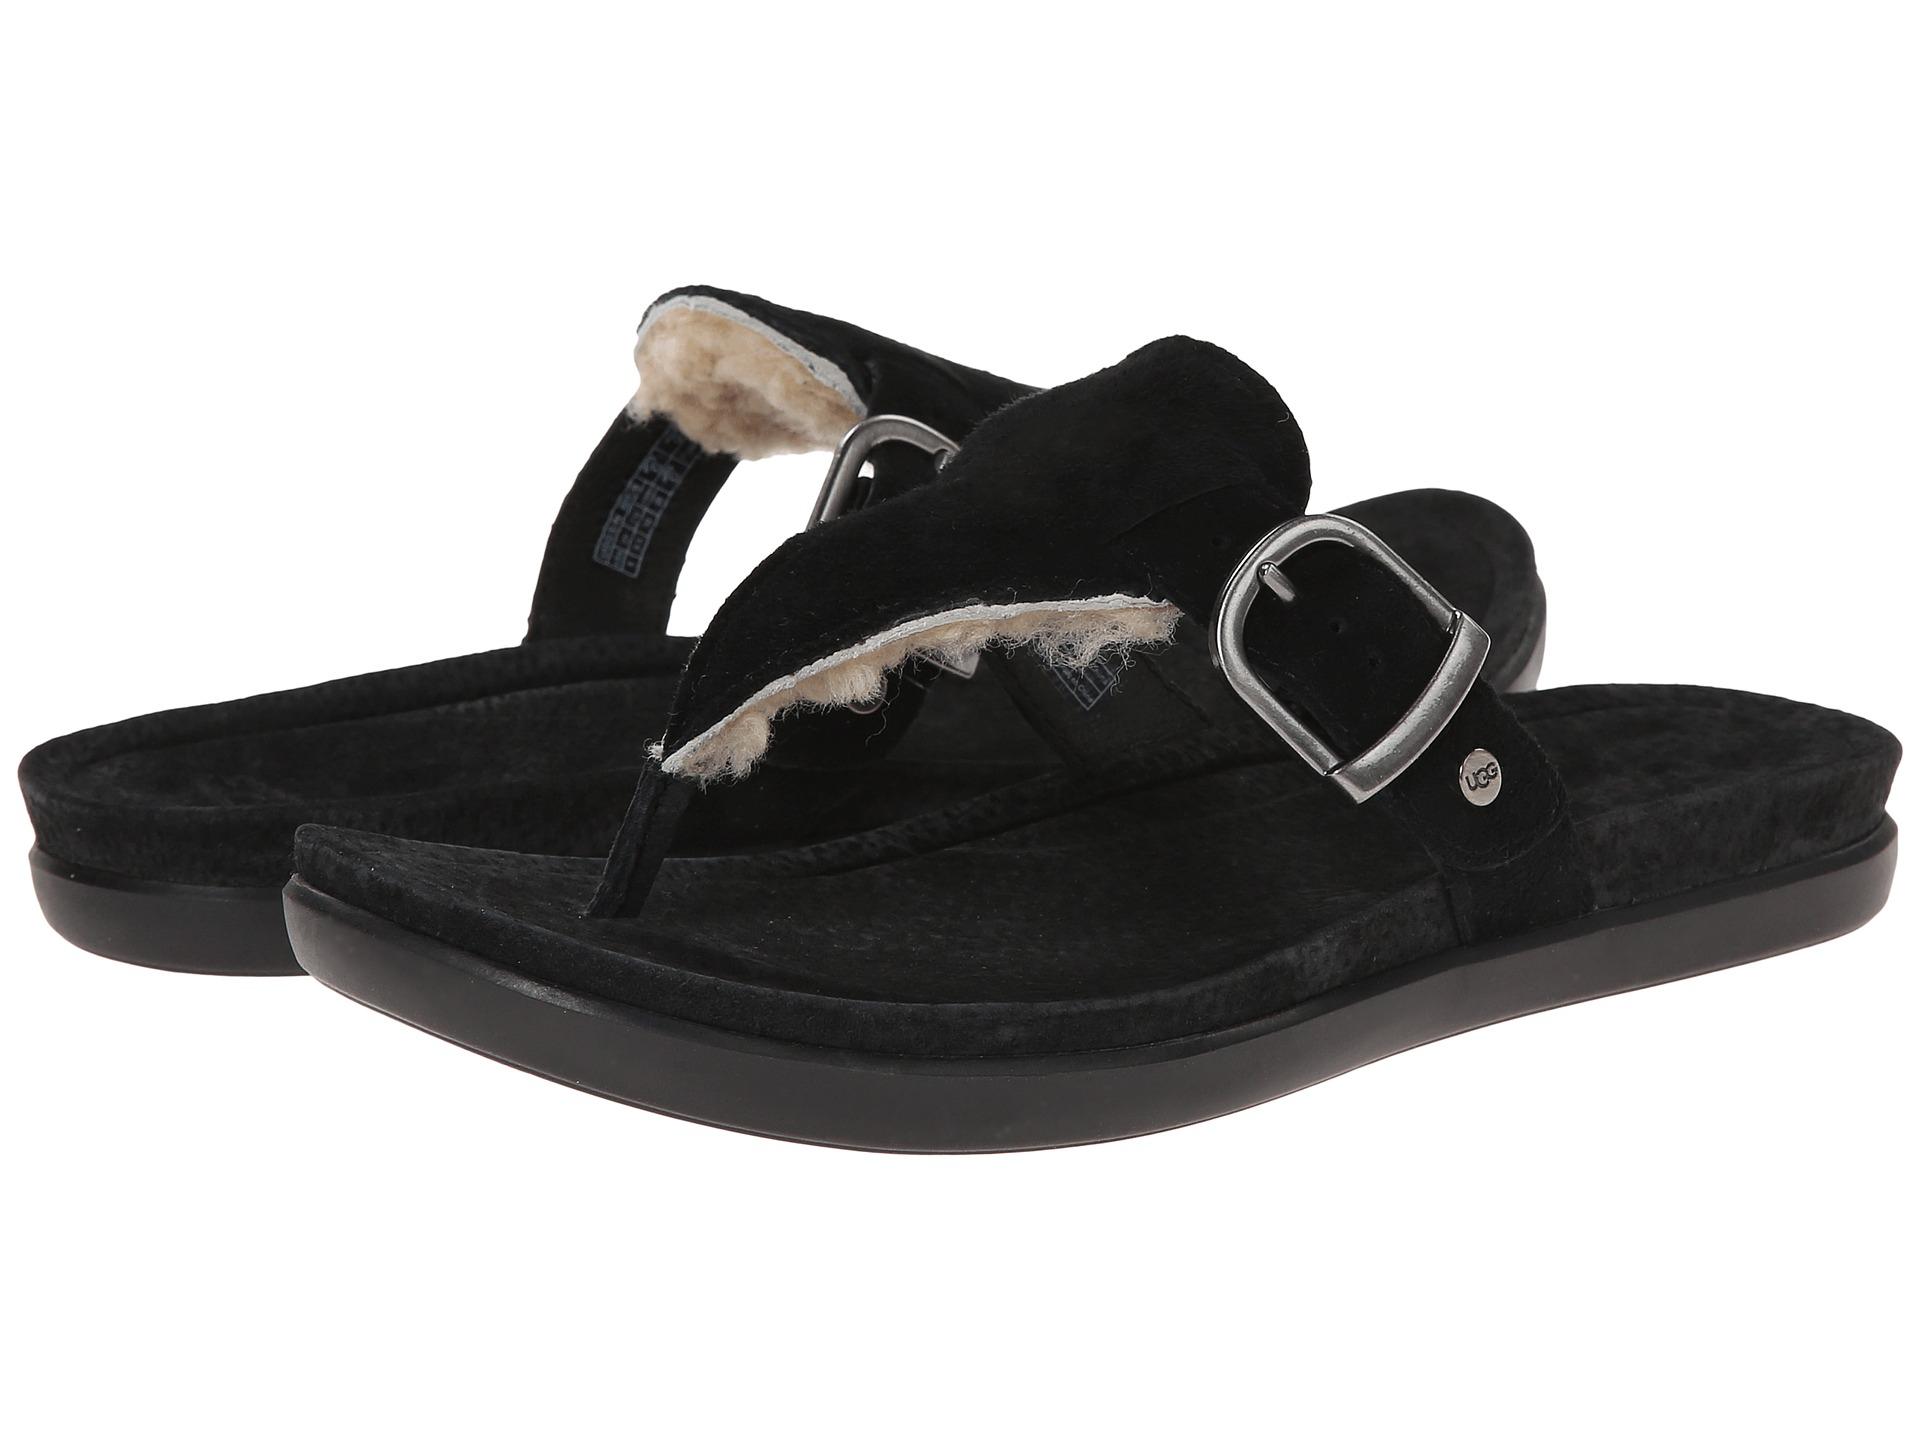 Womens Sandals UGG Vessa Black Suede